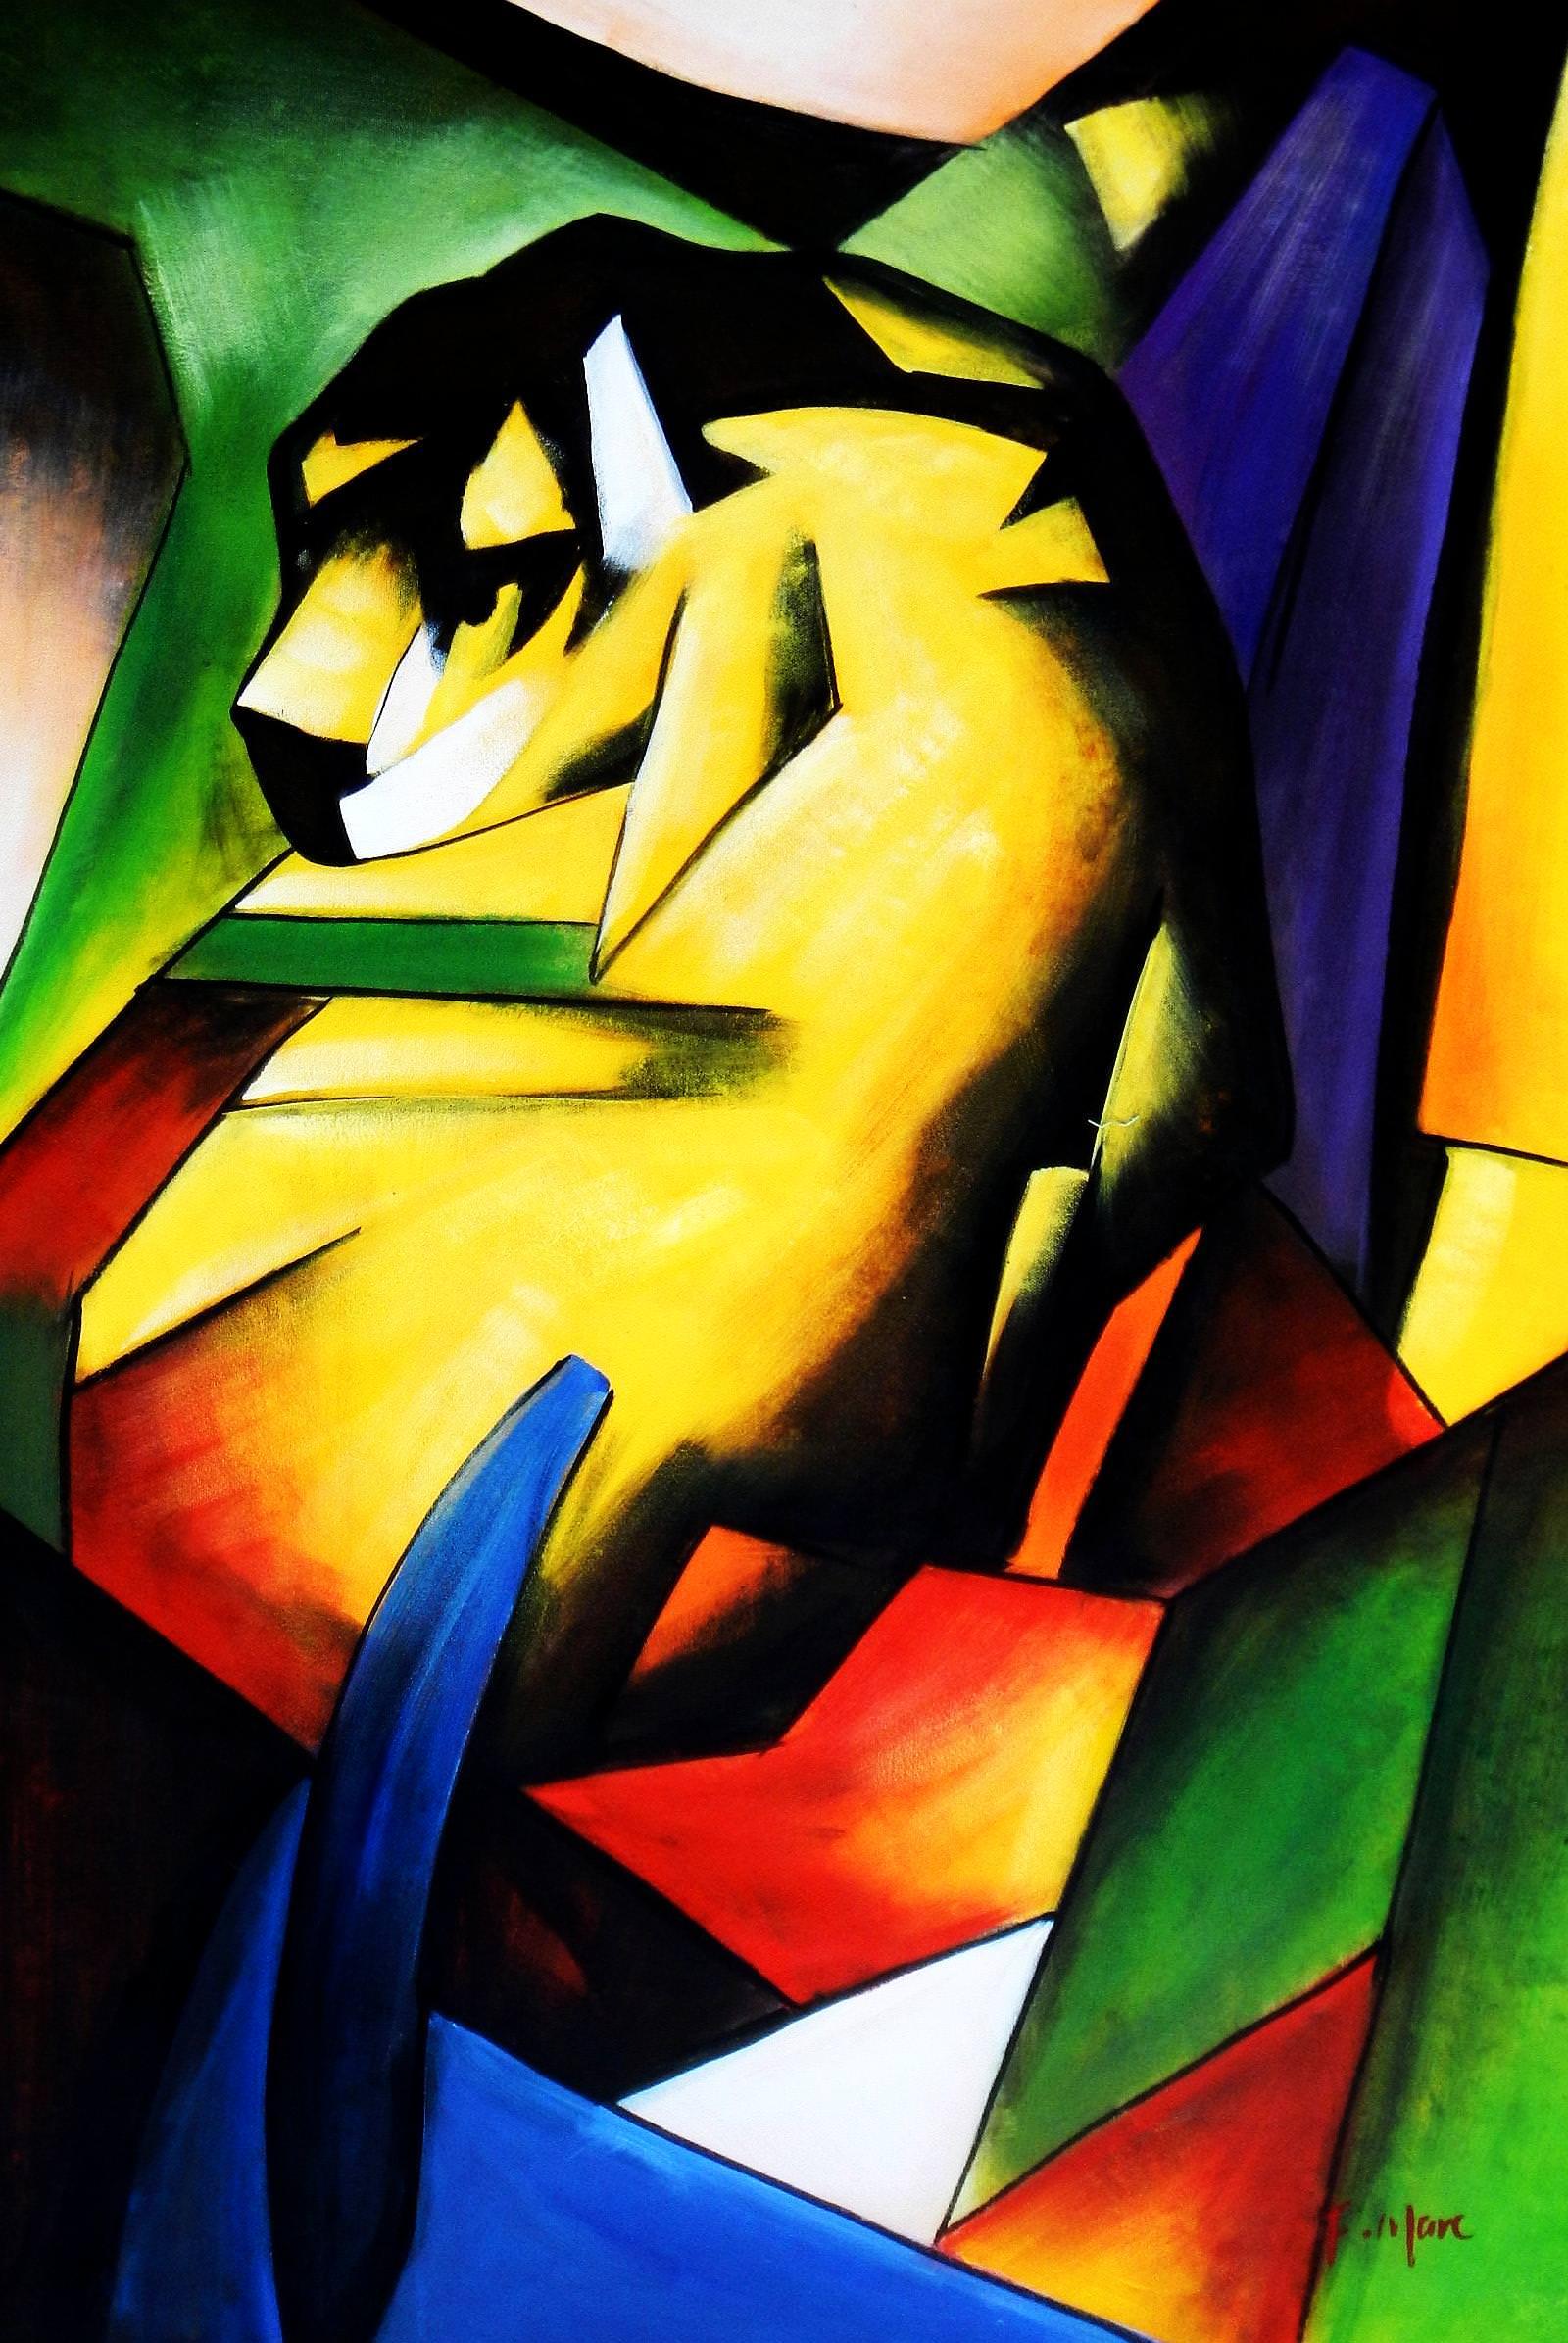 Franz Marc - Der Tiger d93950 60x90cm Expressionismus Ölgemälde handgemalt